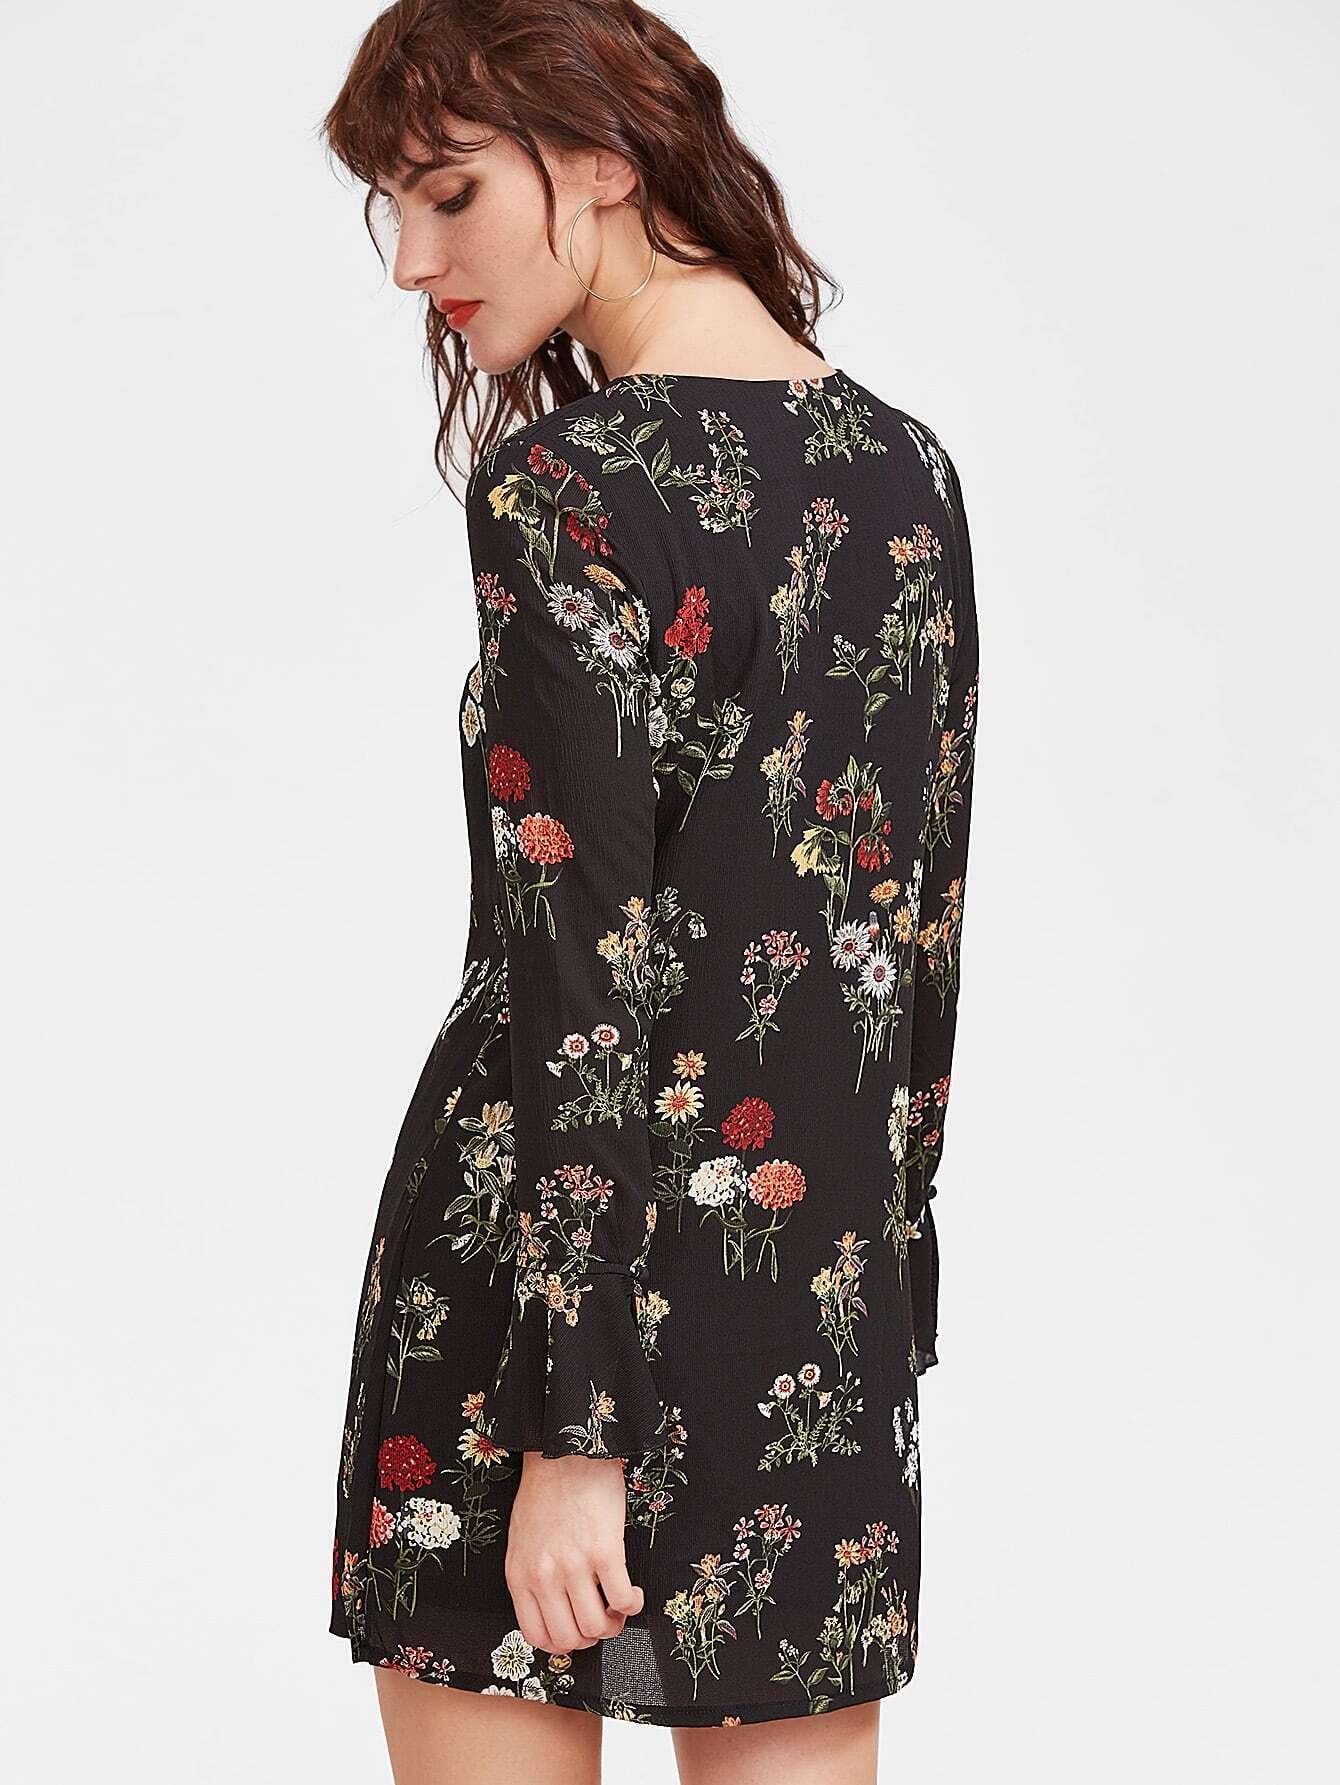 dress170120436_2